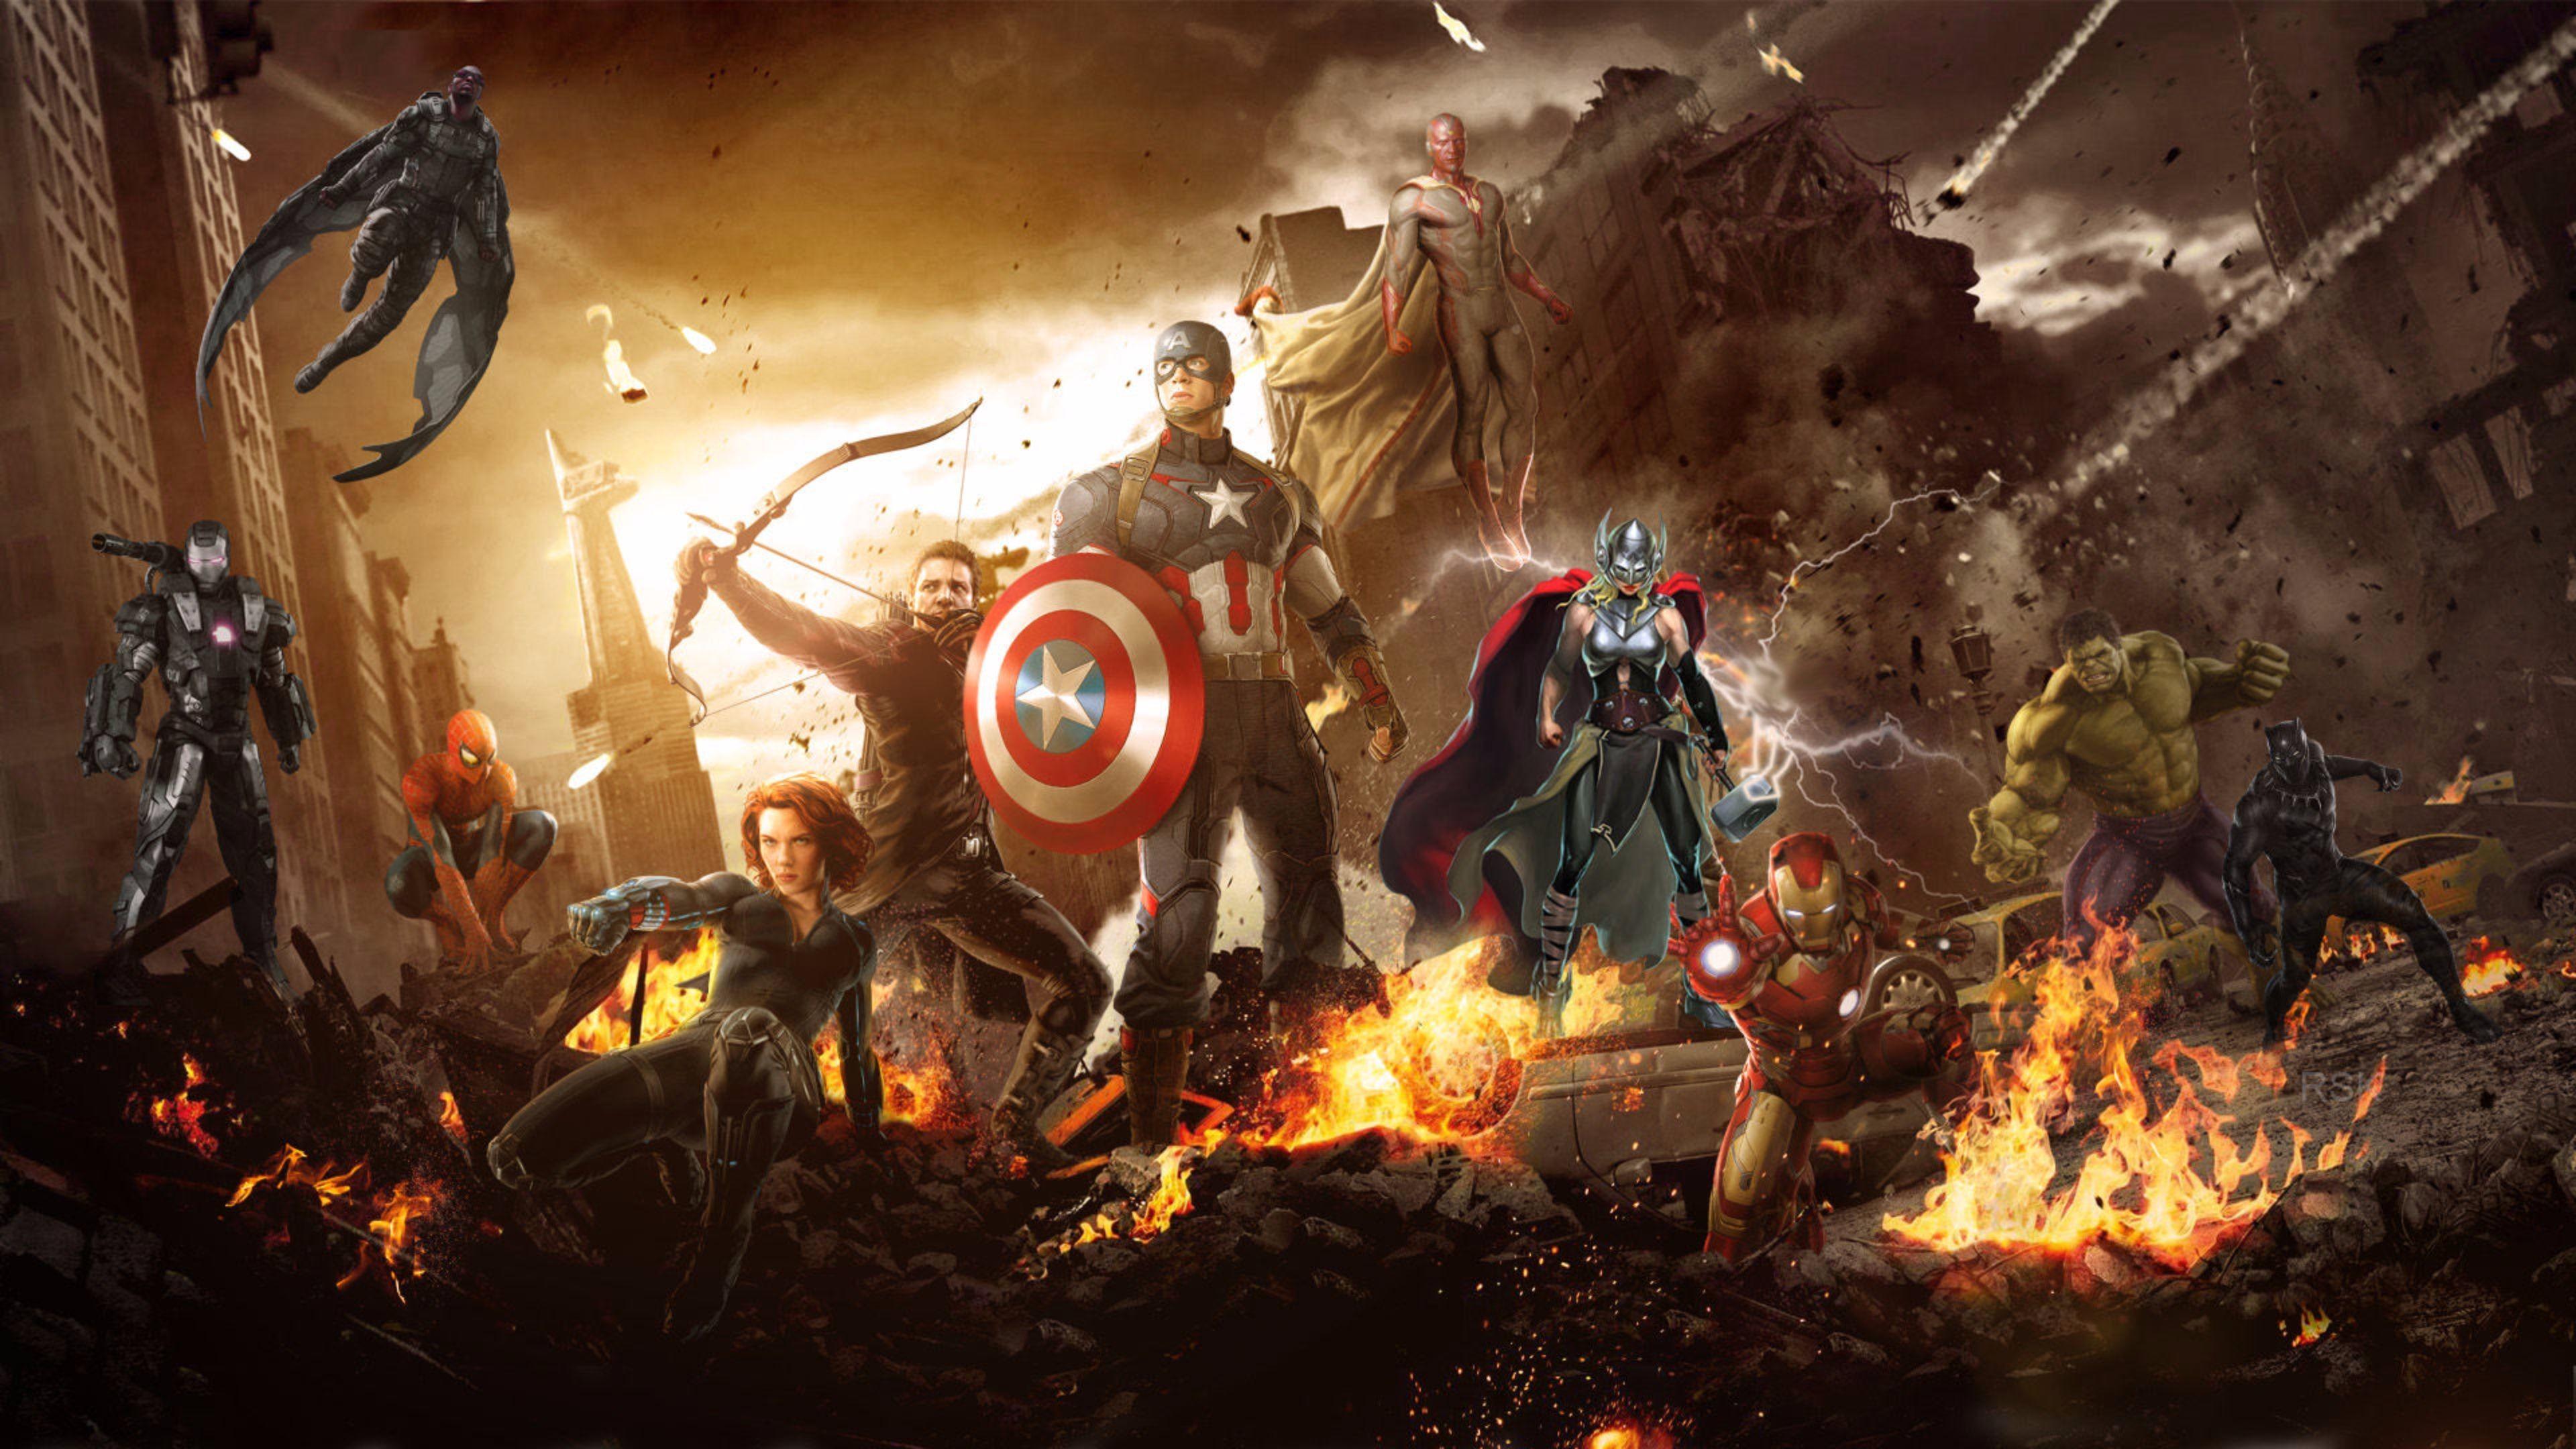 Date Captain America Civil War 4K Wallpaper   Free 4K Wallpaper .